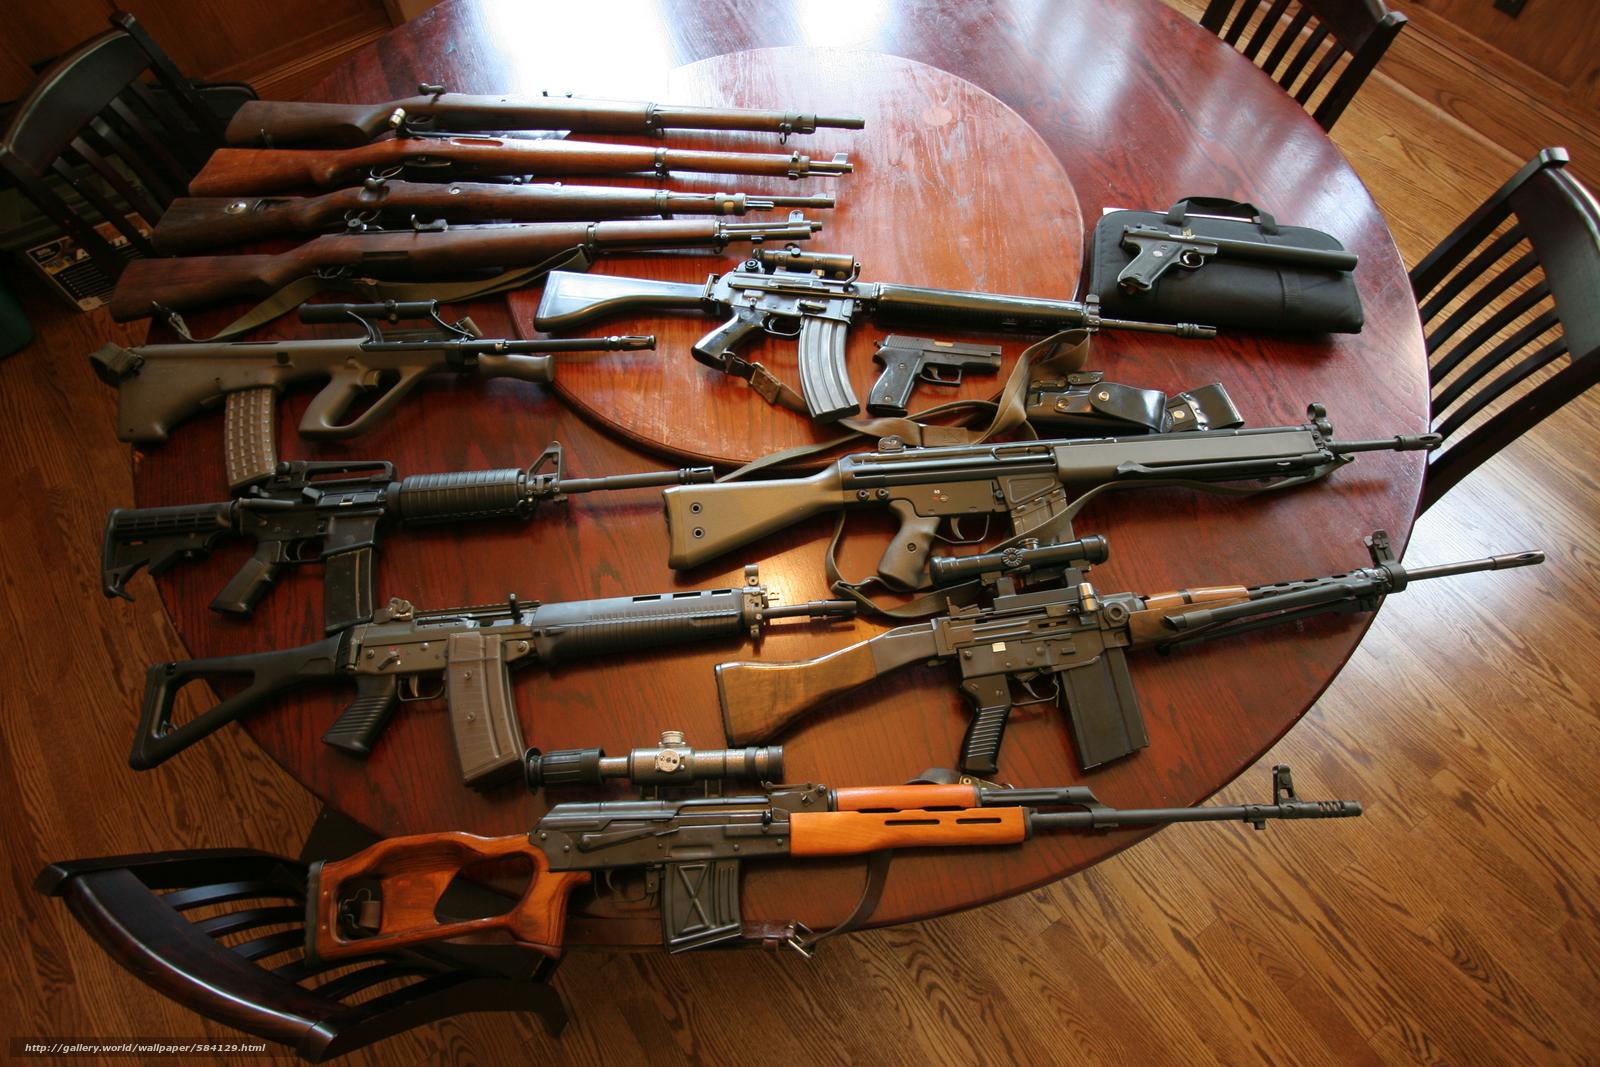 pobra tapety Maszyny,  karabiny szturmowe,  karabin snajperski,  Guns Darmowe tapety na pulpit rozdzielczoci 3504x2336 — zdjcie №584129